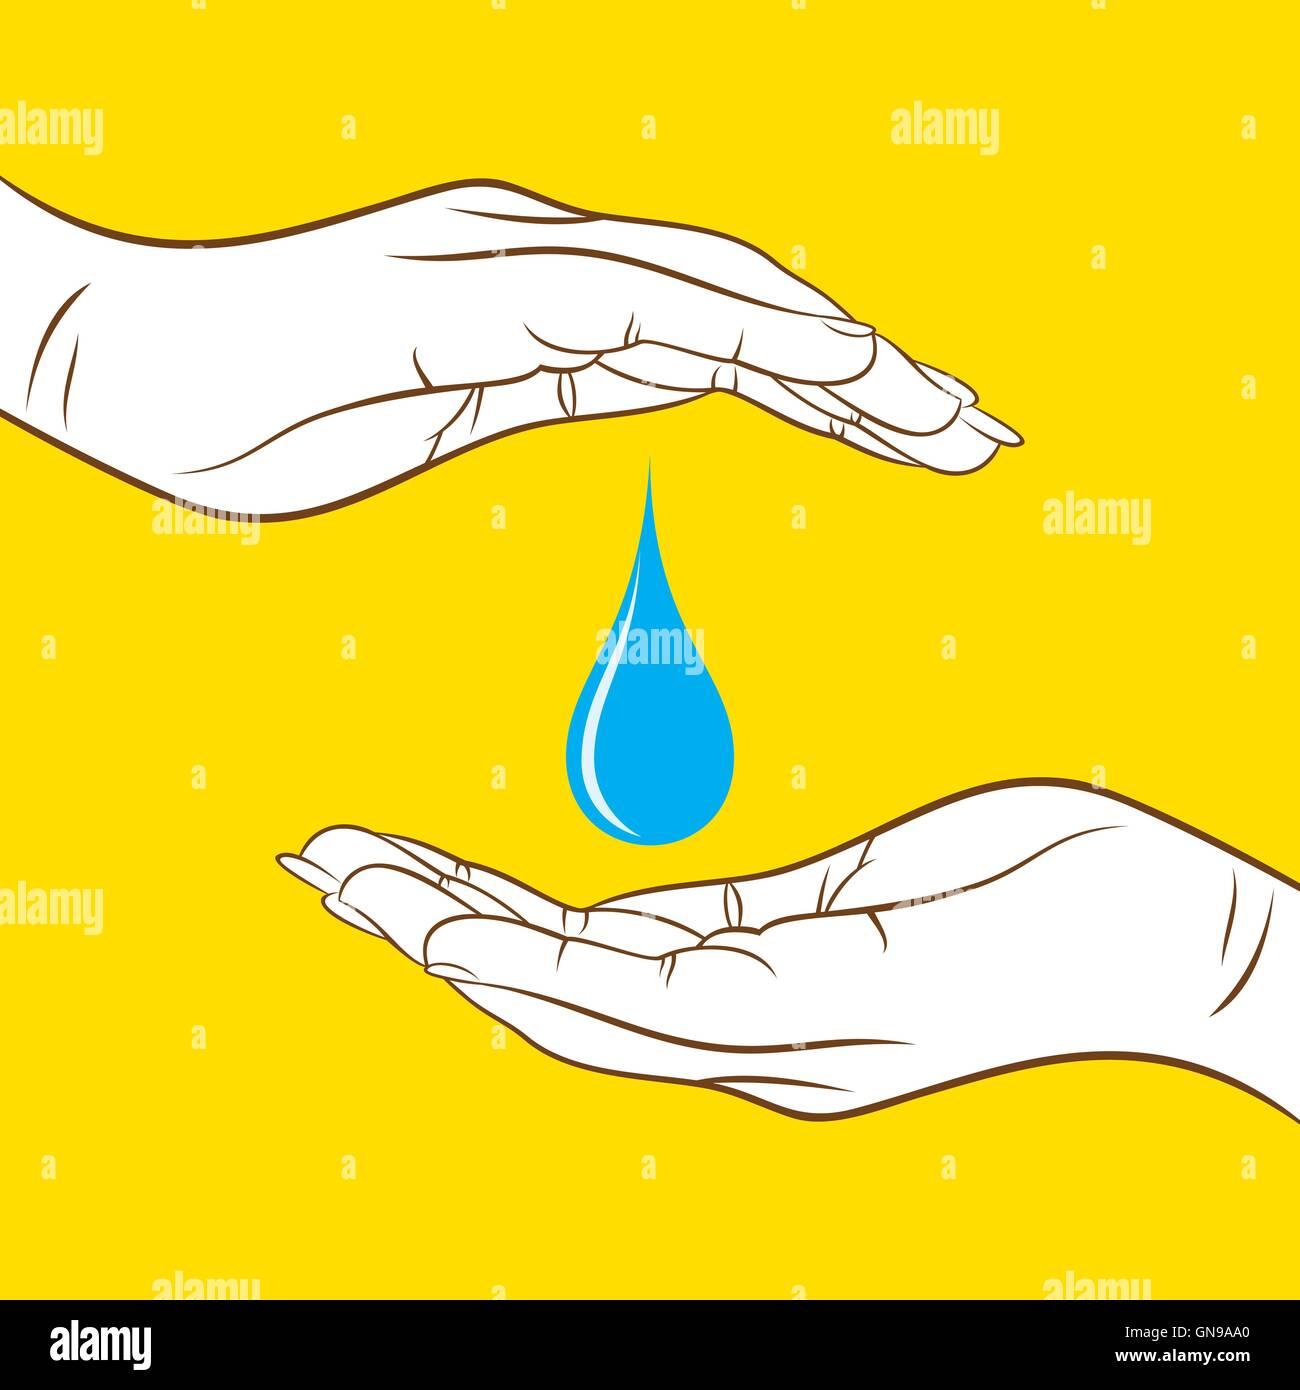 Creative risparmiare acqua concept design Immagini Stock